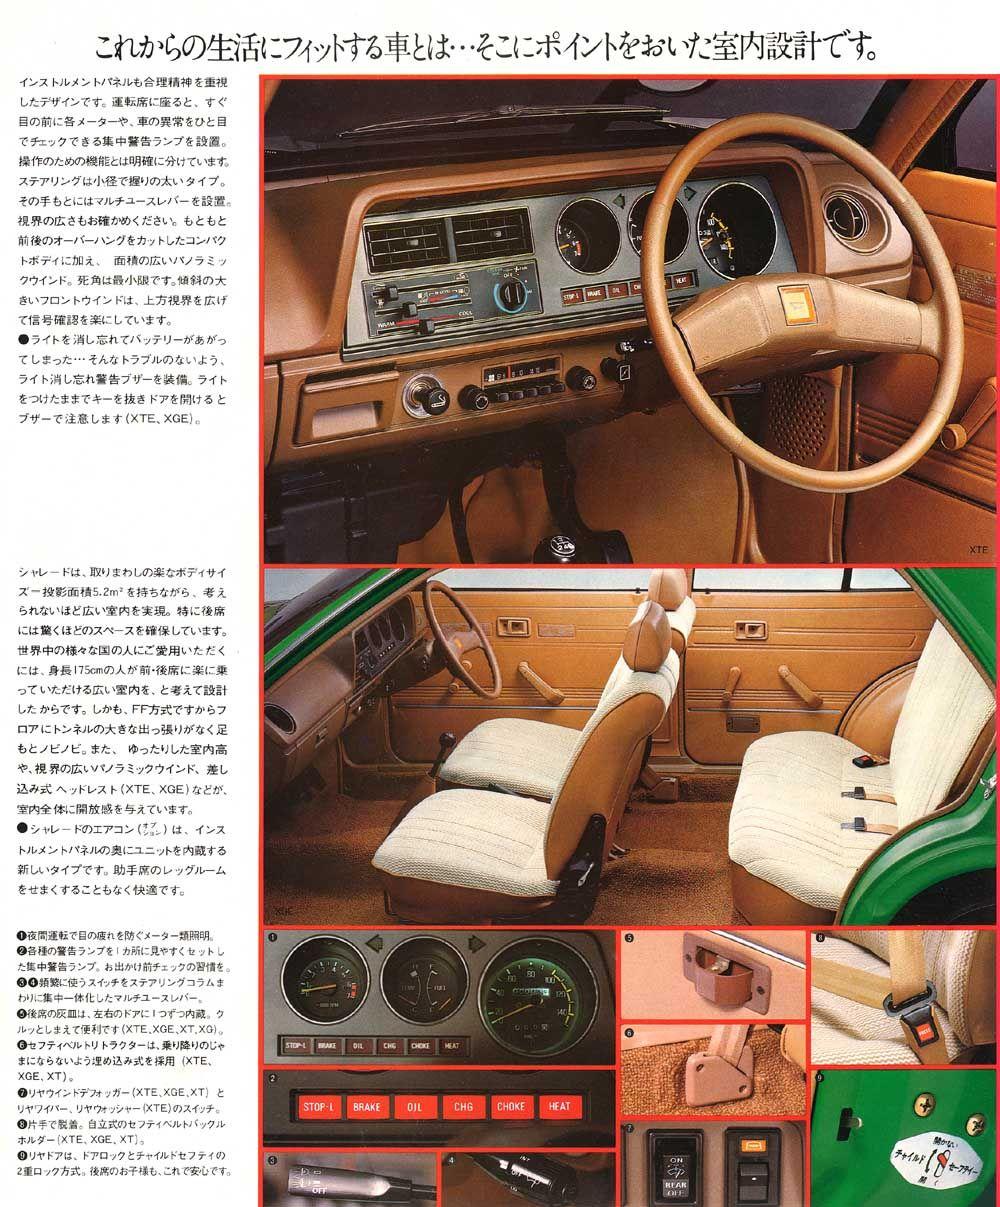 Daihatsu Charade G 10 Daihatsu Toyota Starlet Charades